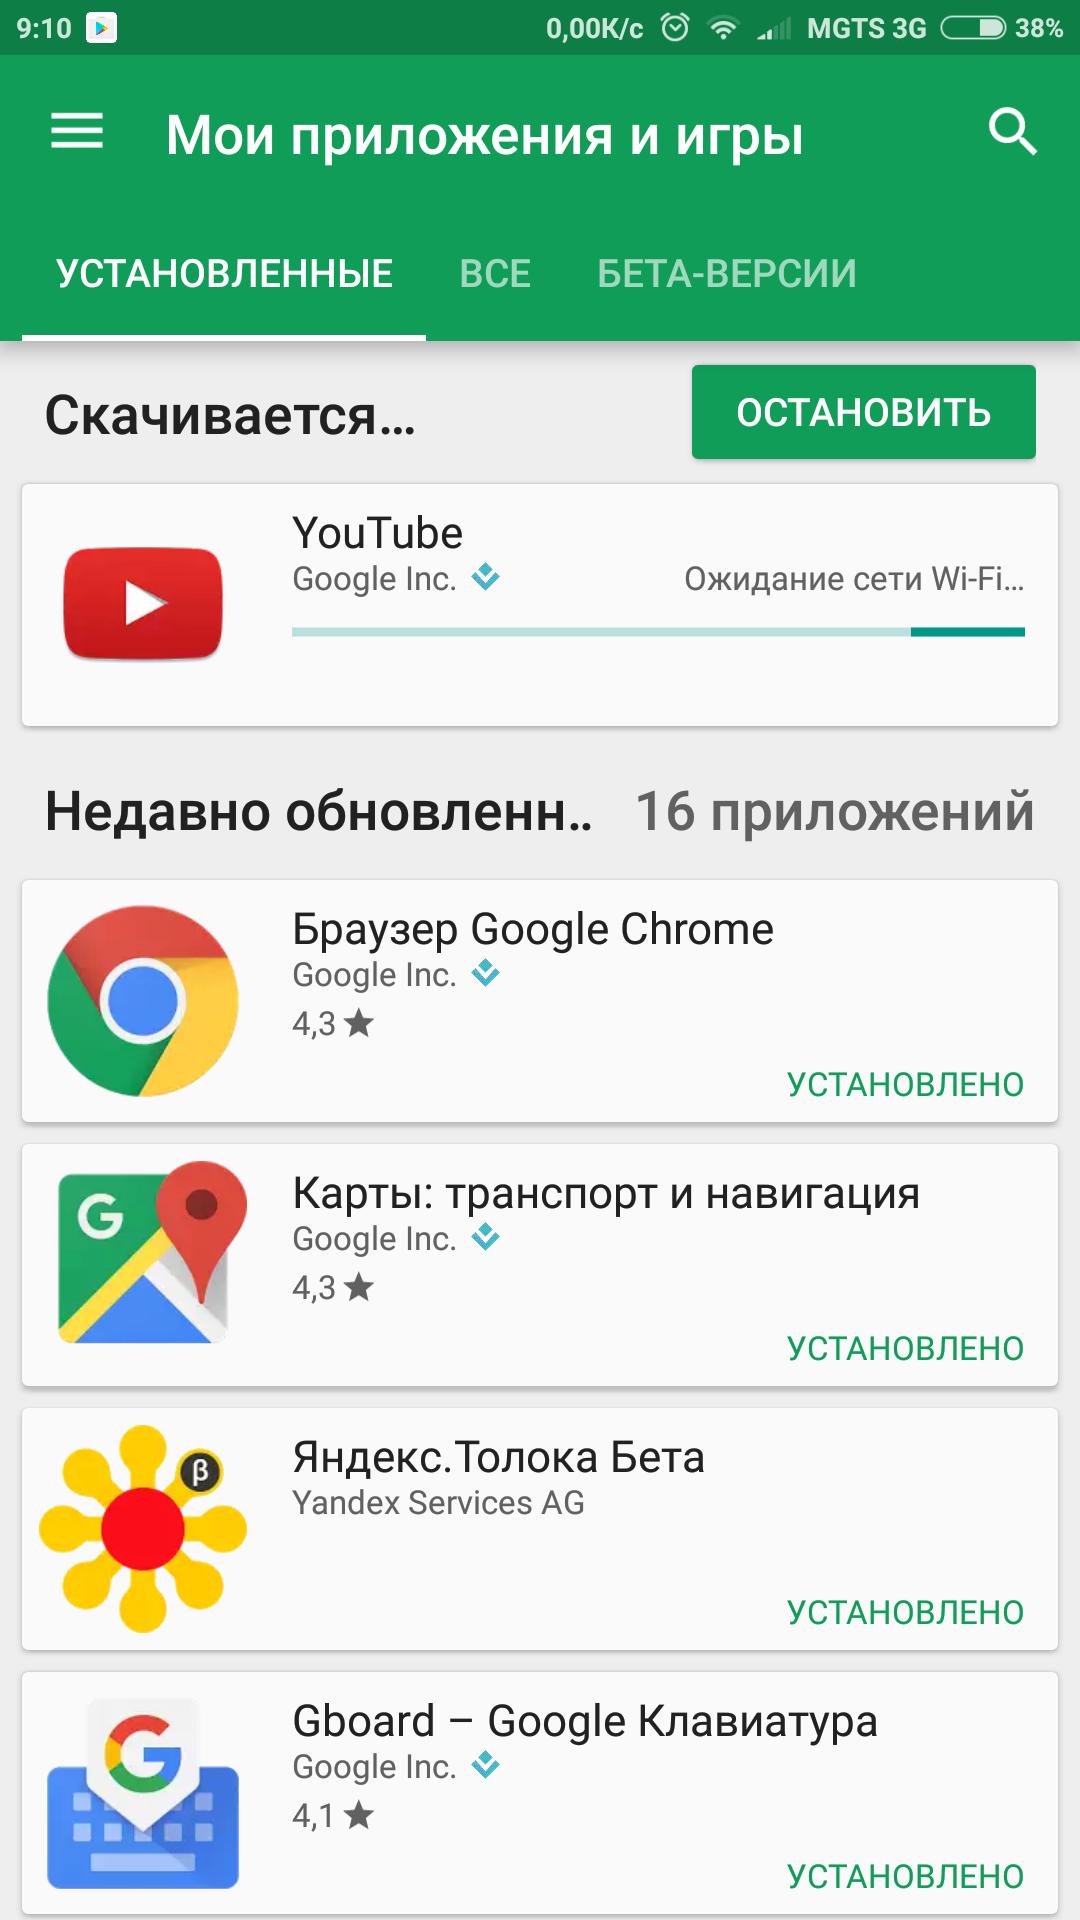 Не скачиваются приложения с play market без wi-fi (ожидание сети.